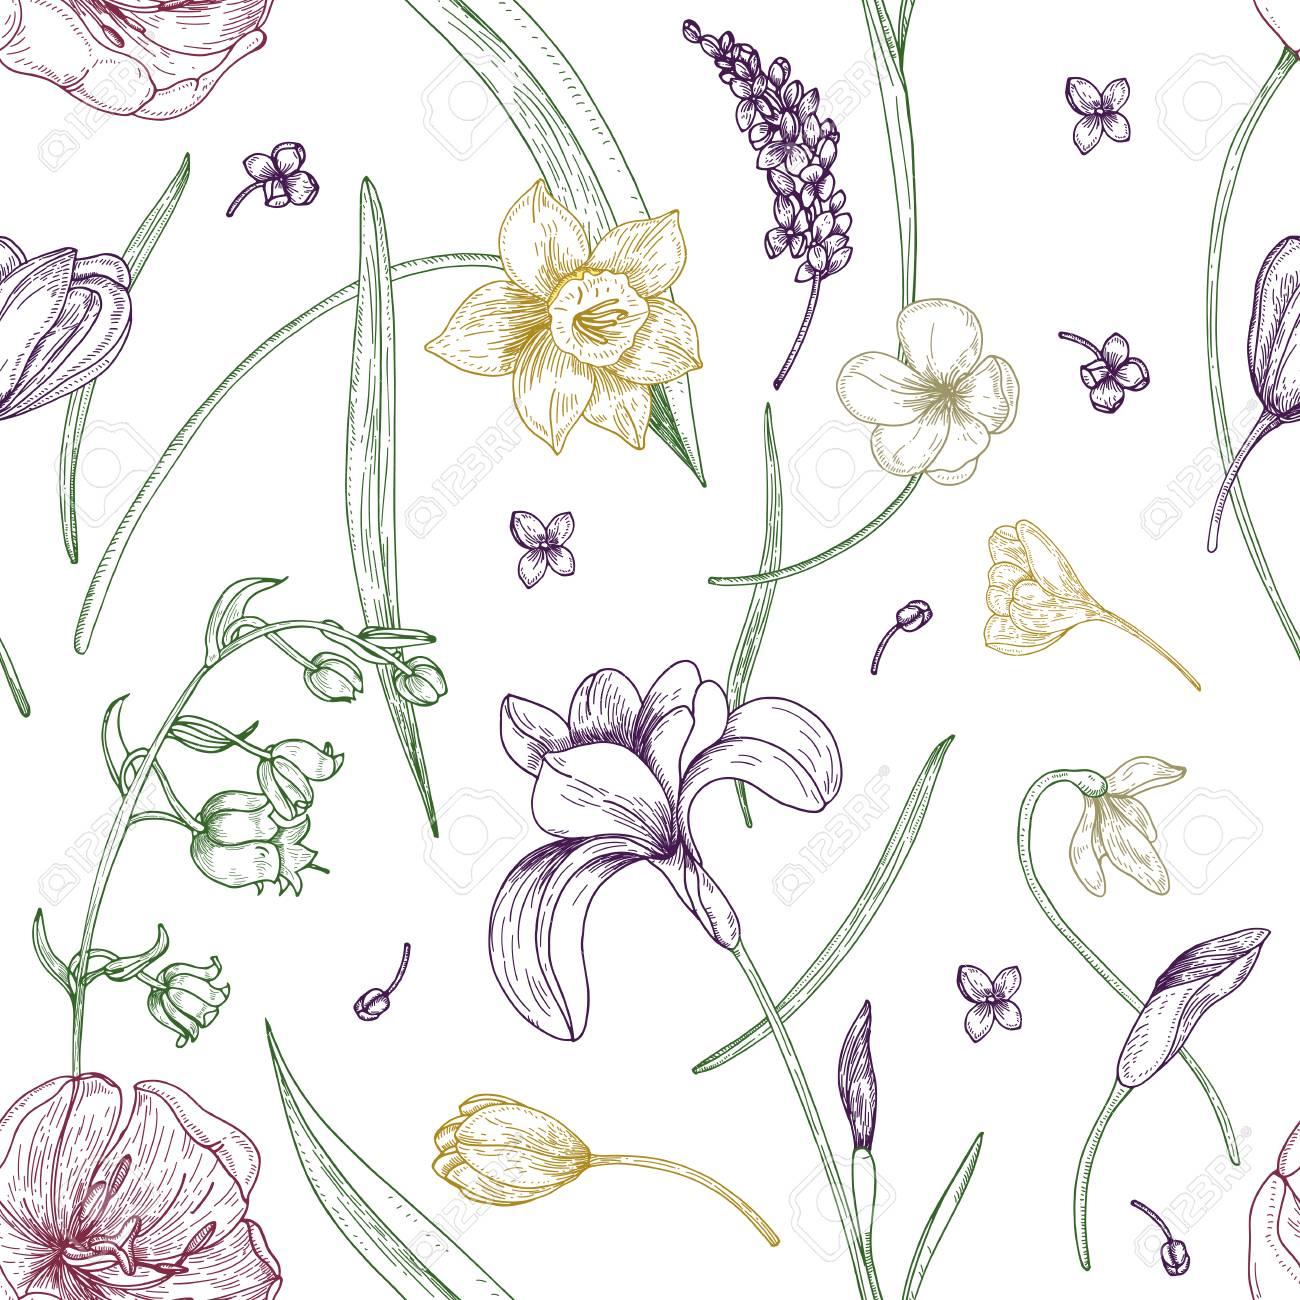 豪華な咲く春とエレガントなシームレス パターンの花白い背景の輪郭線